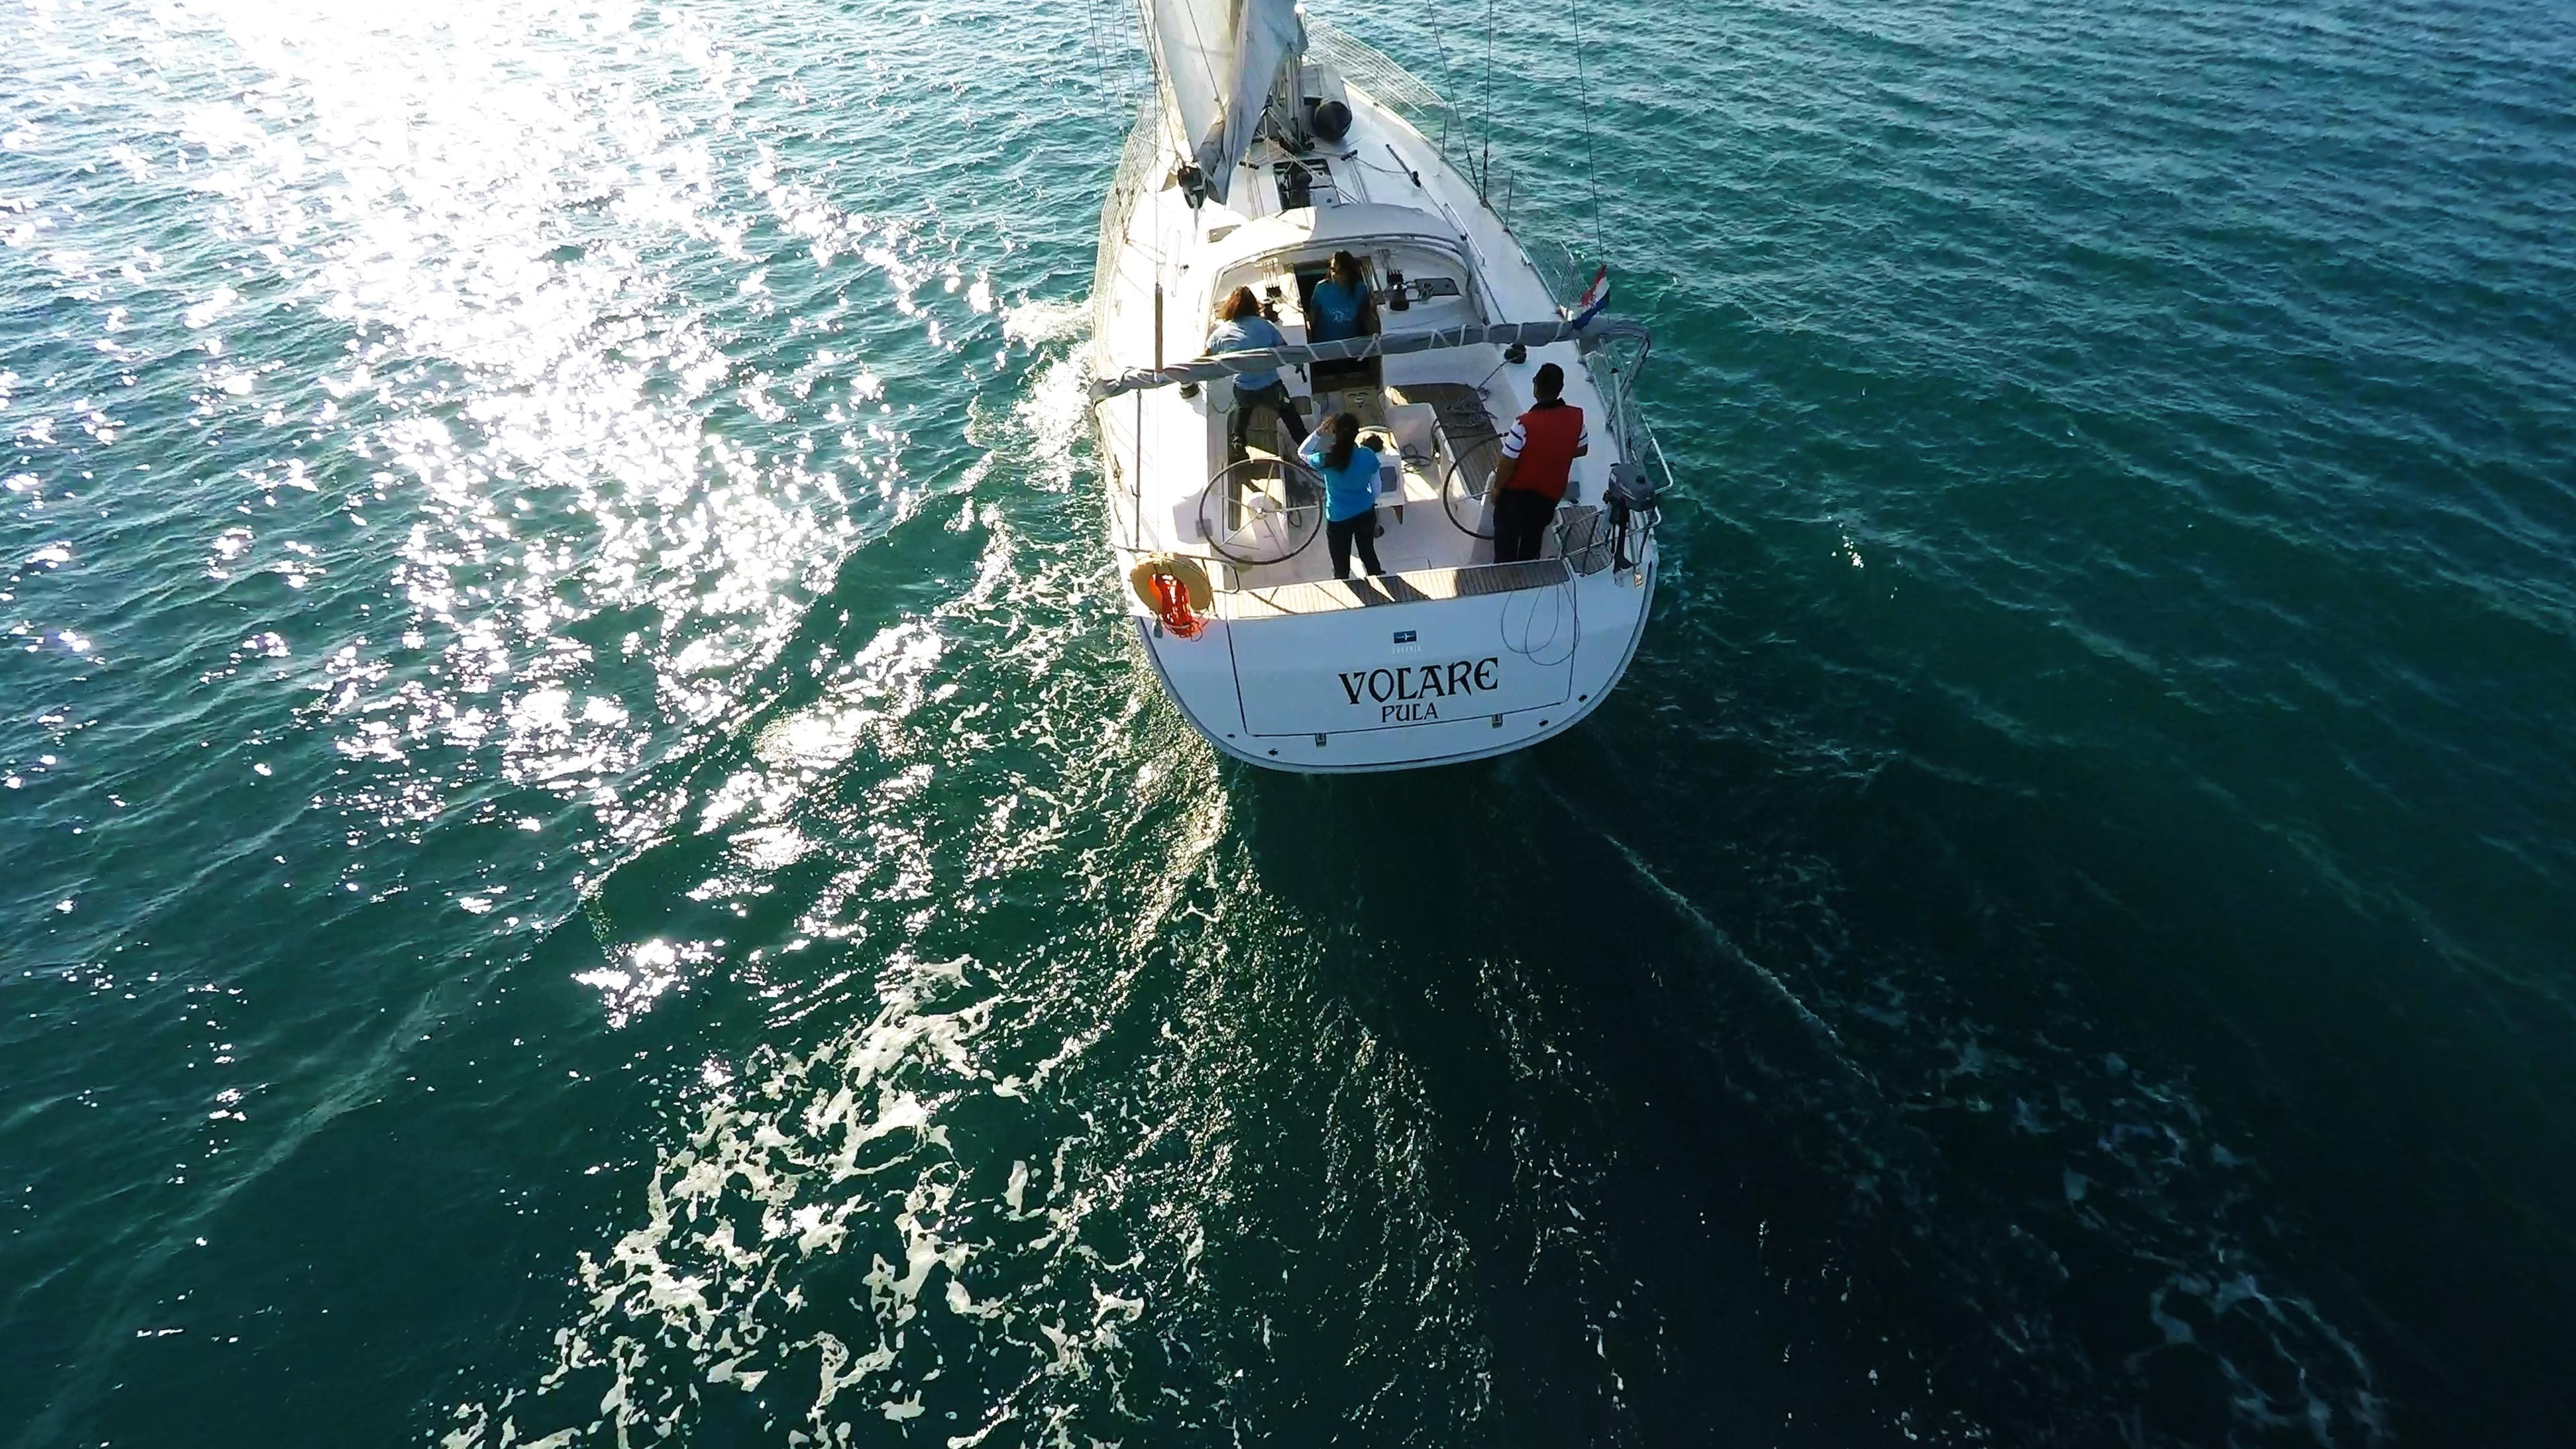 barcha a vela bavaria 46 da sopra yacht a vela pozzetto pontein teak